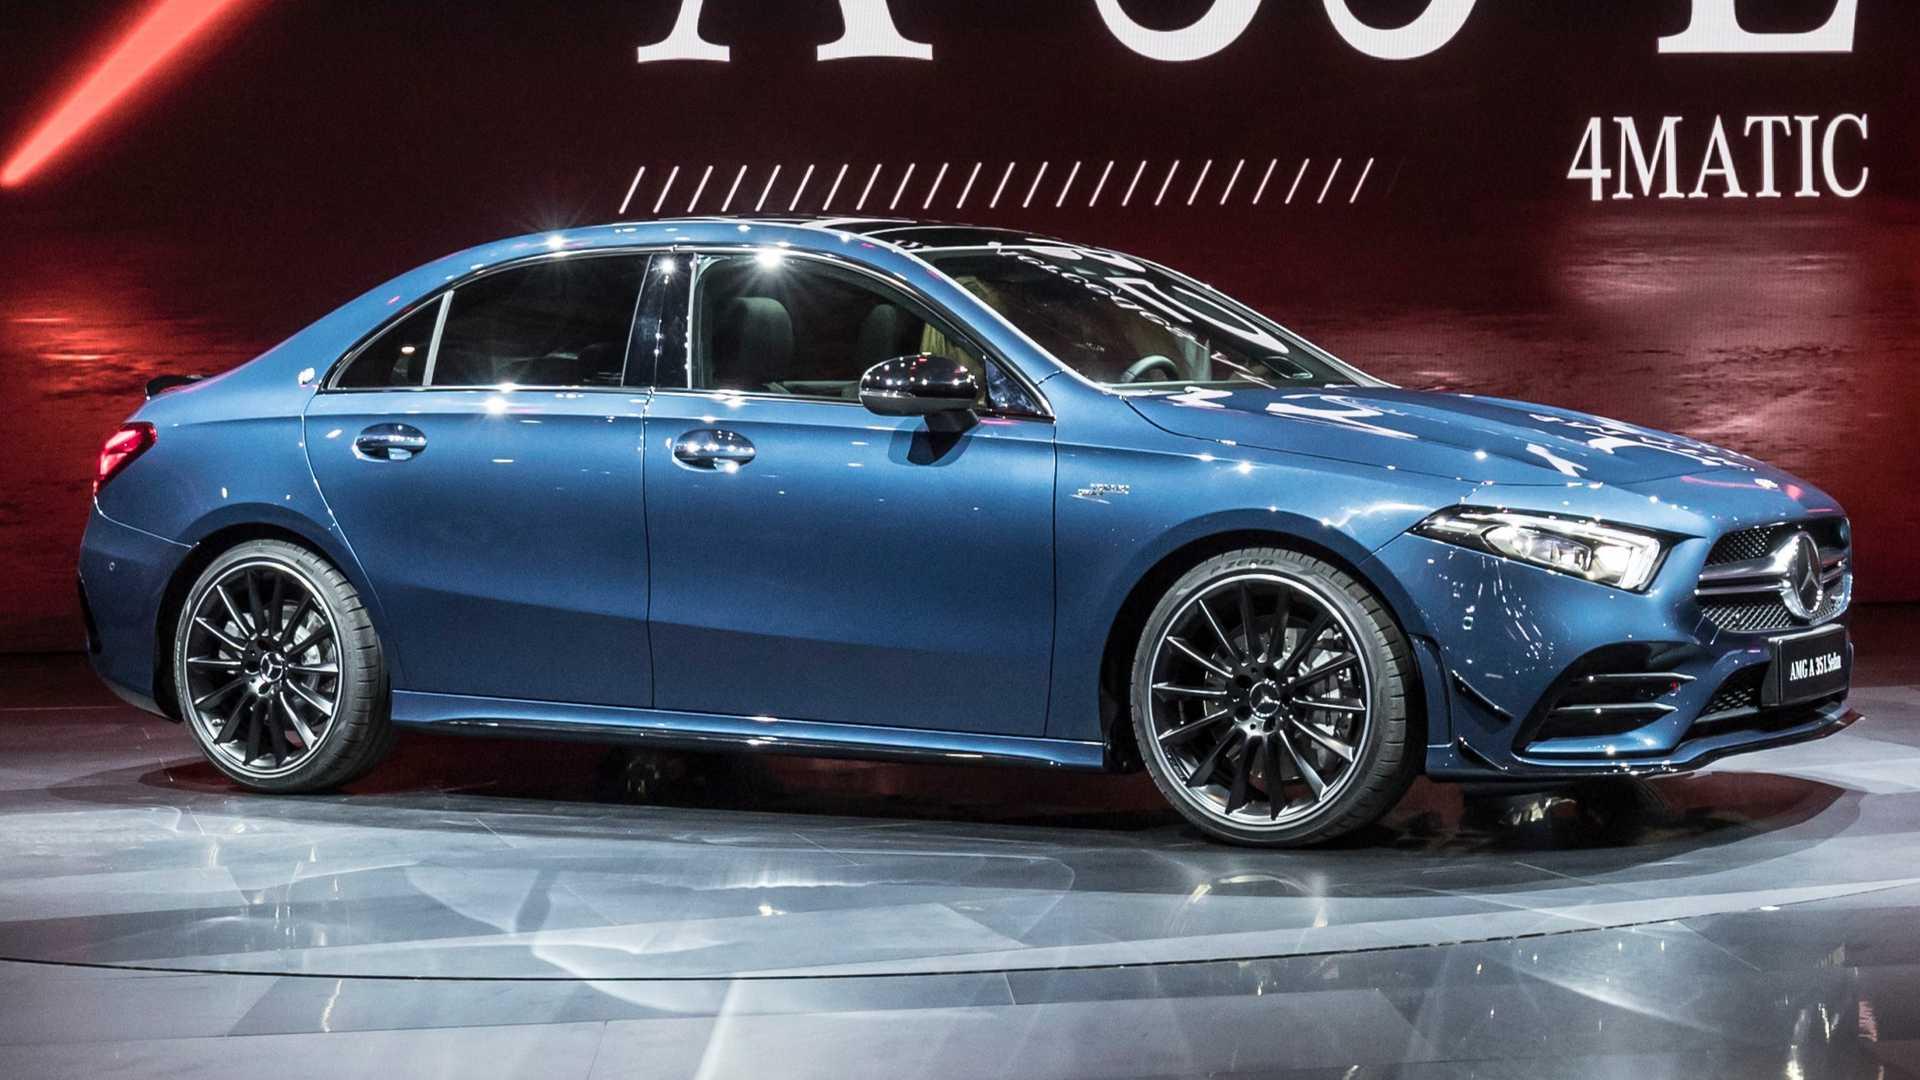 Mercedes A 35 Sedan é a porta de entrada da AMG. Você o conhece?